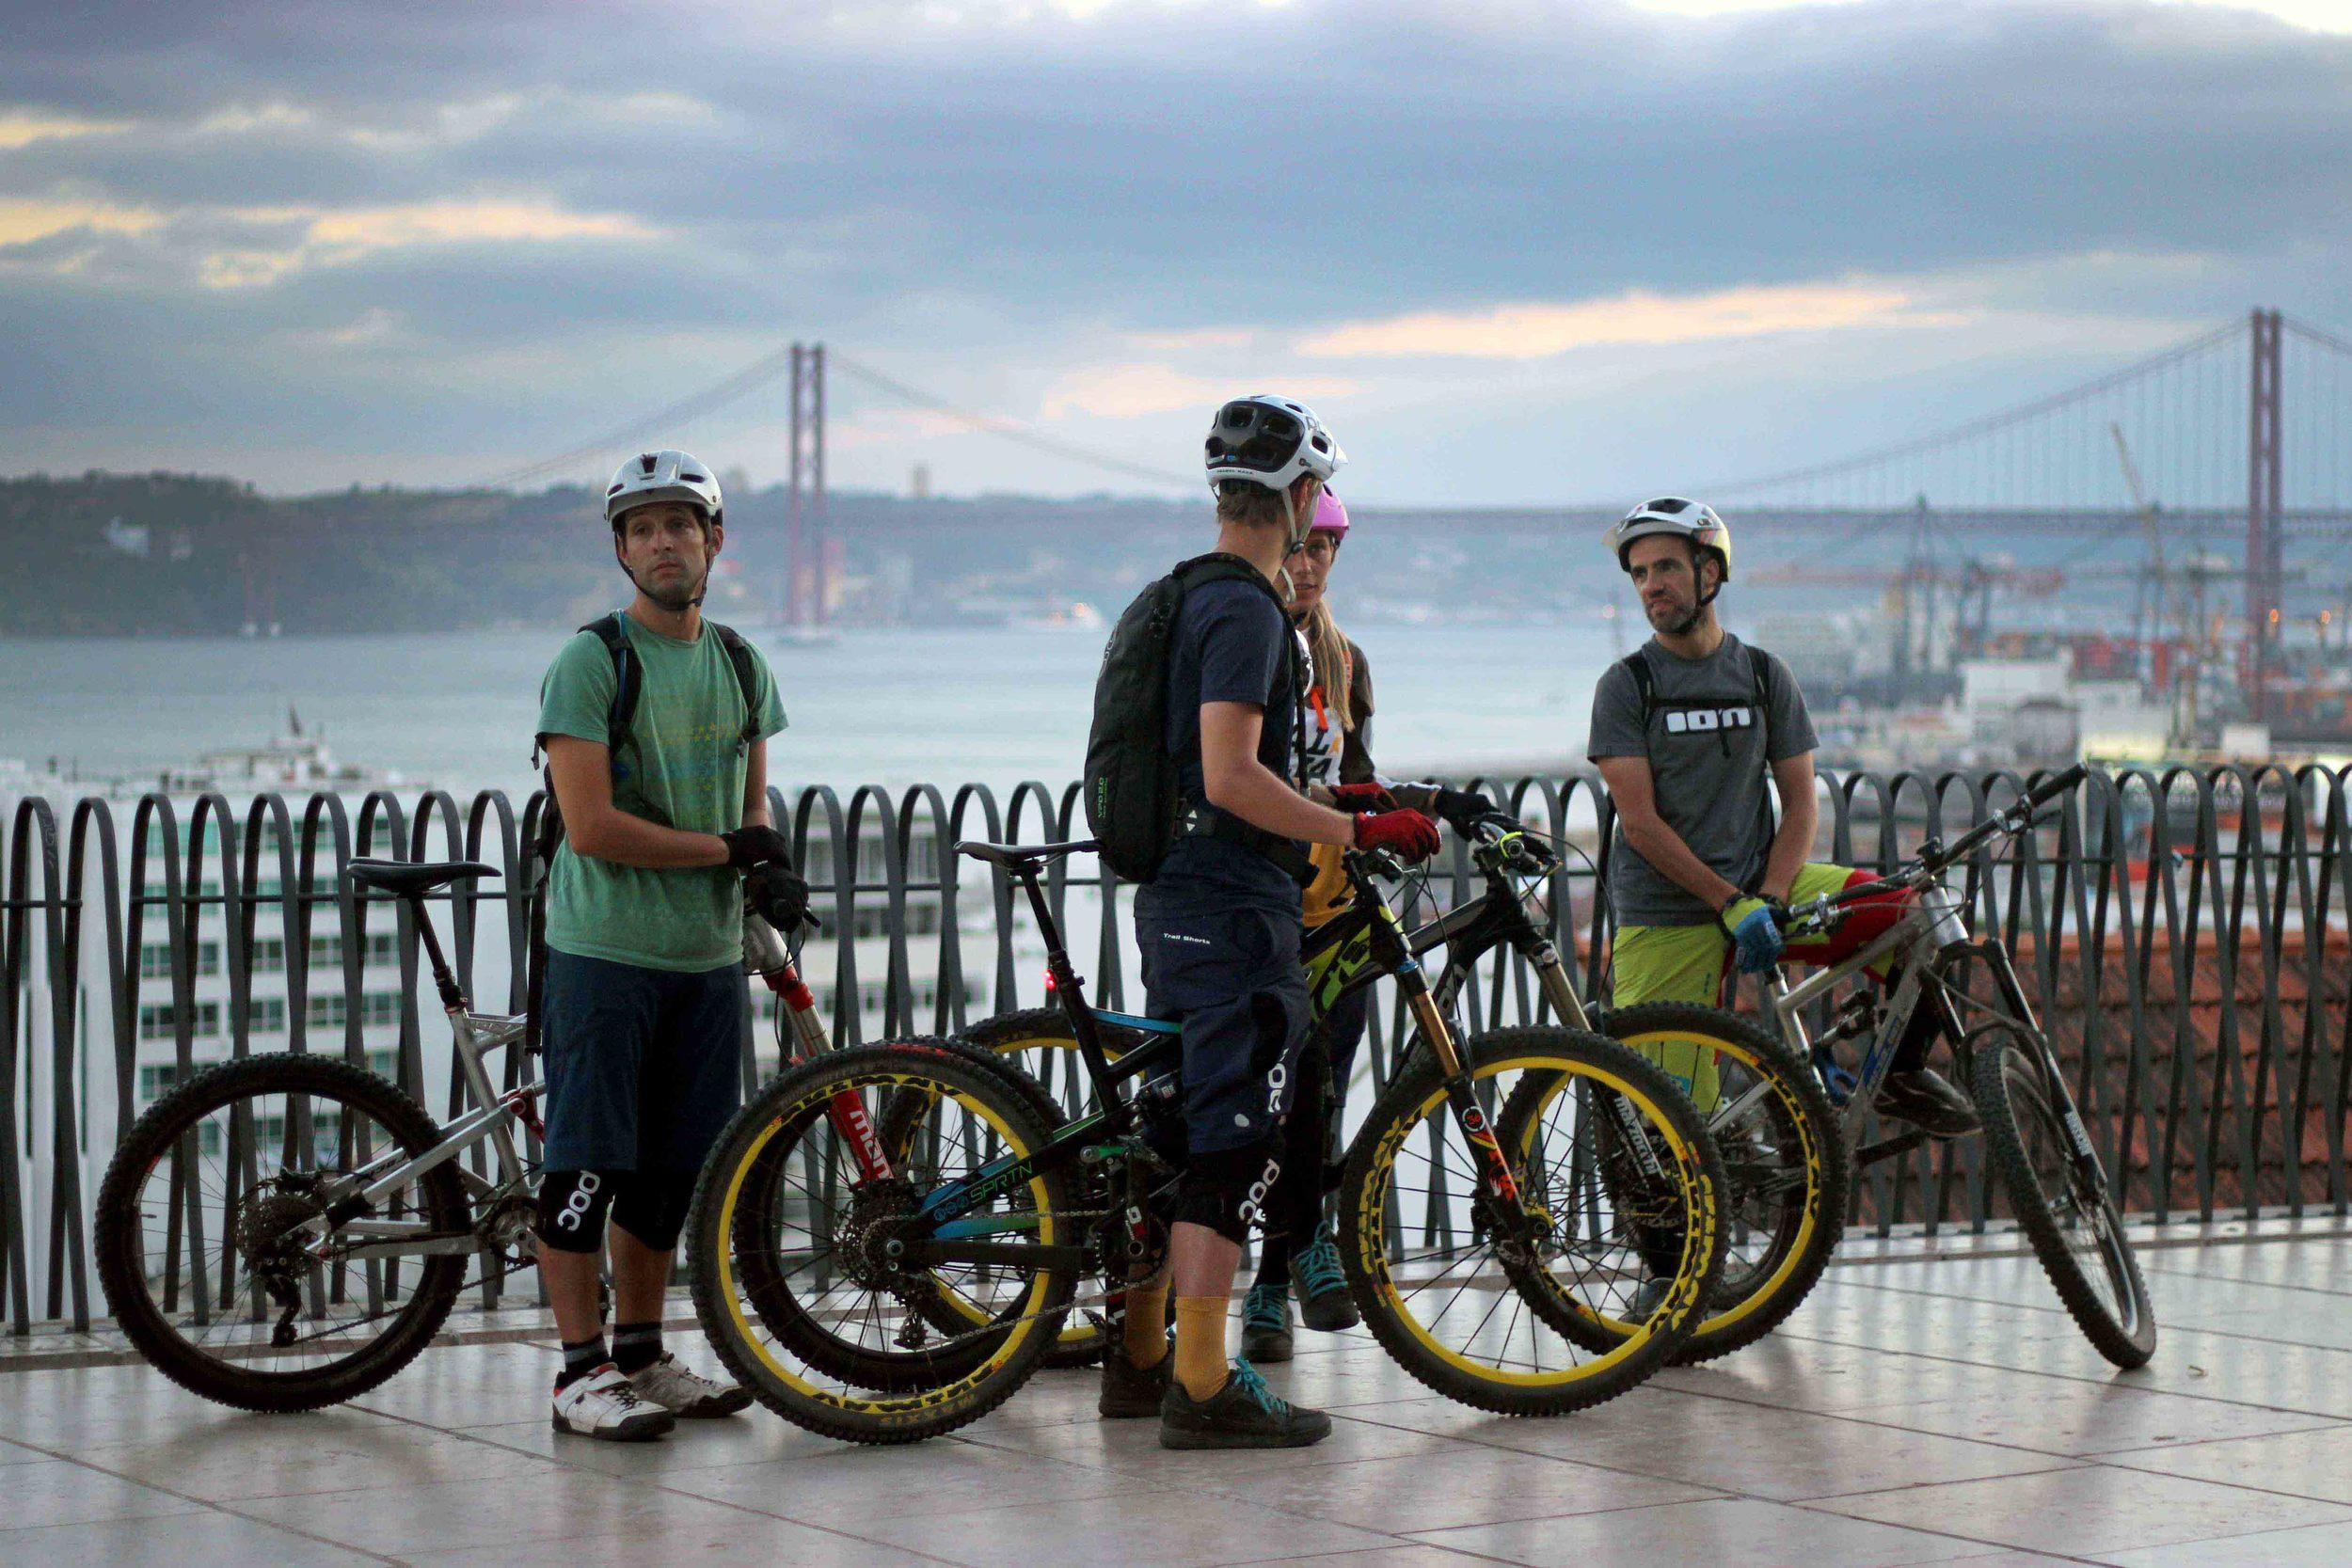 Tagus rives makes Lisbon a unique cosmopolitan city